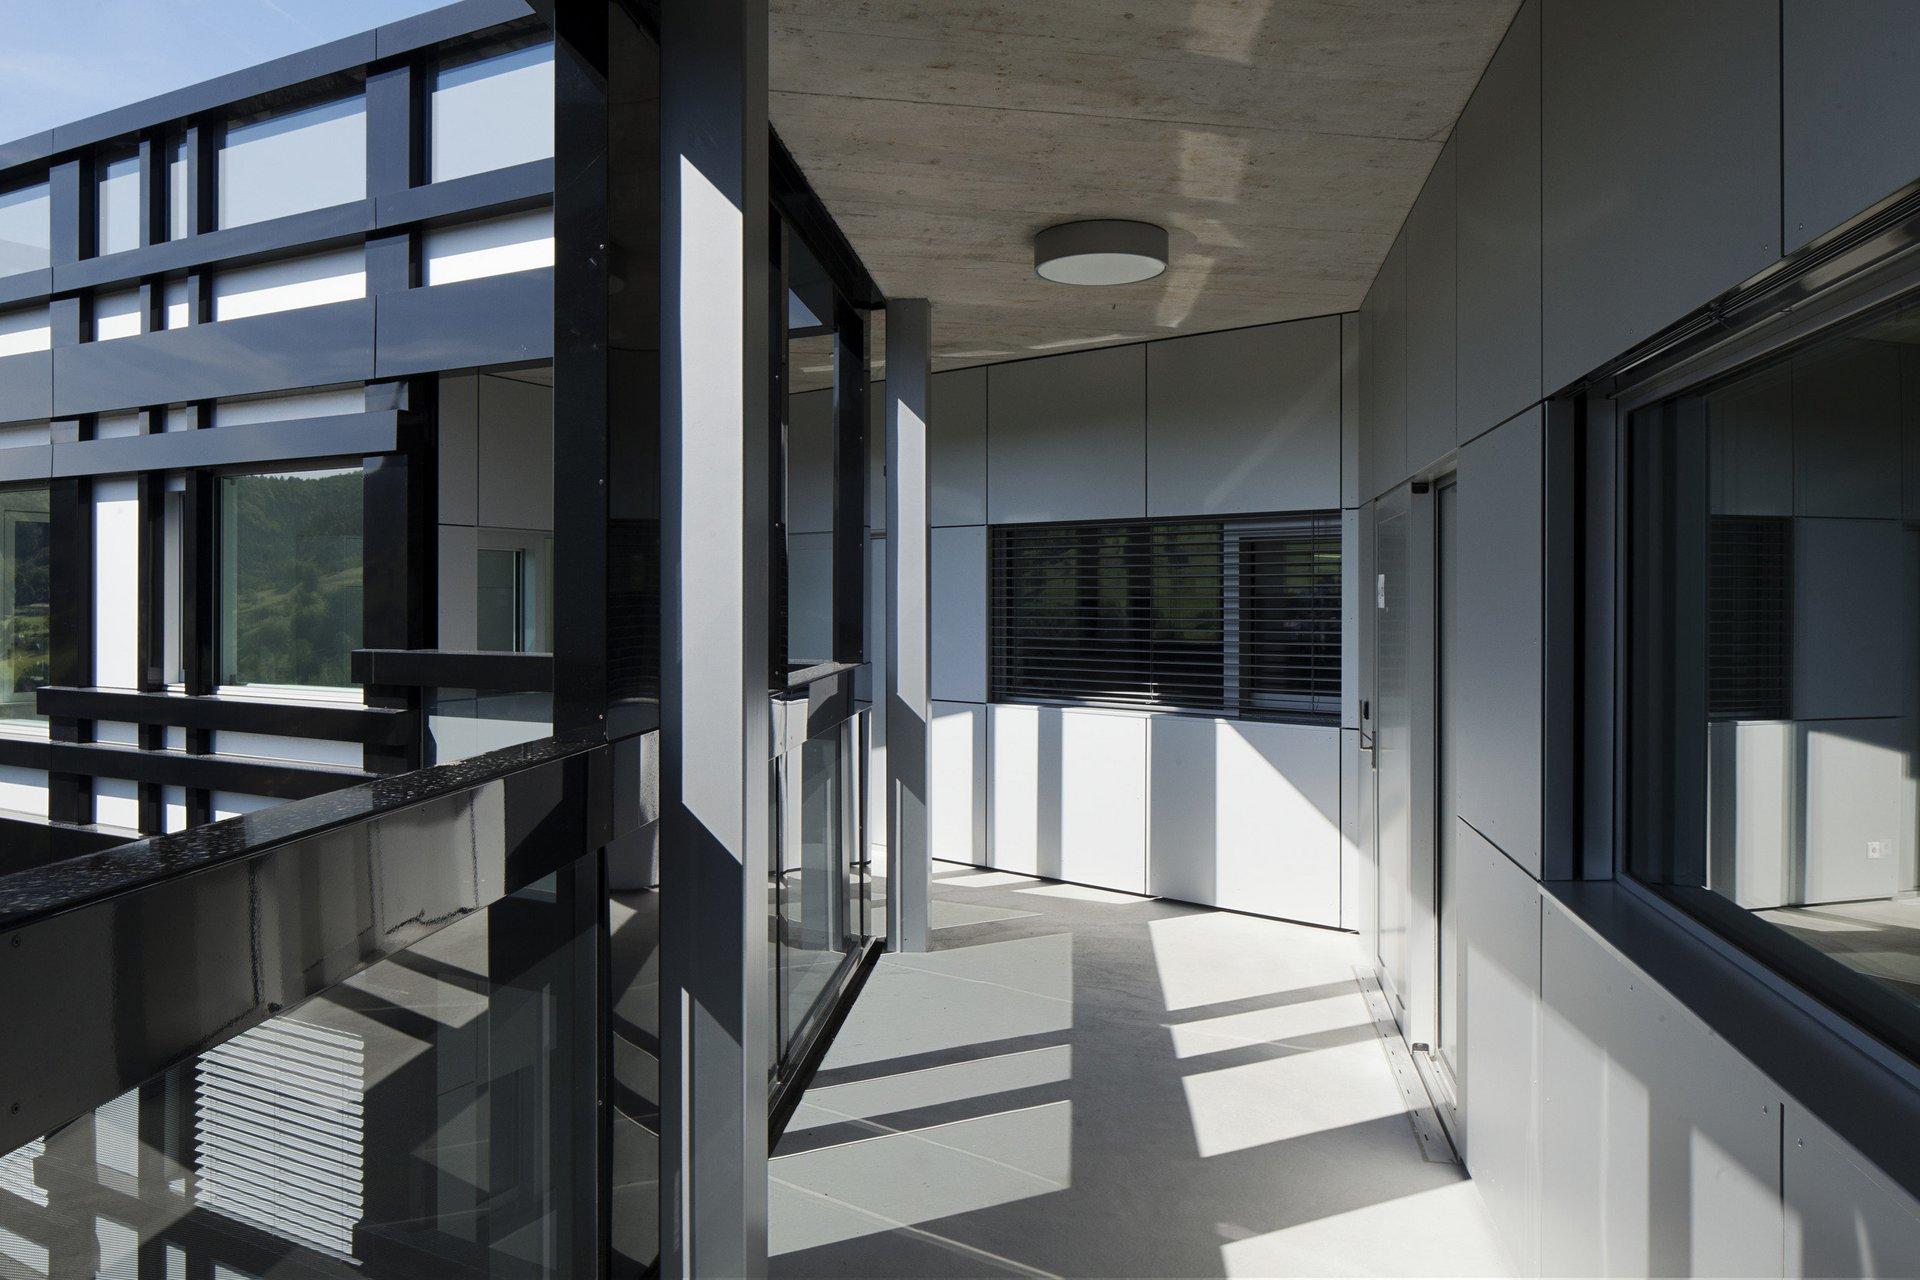 überdachter Terrassenteil mit Abzweigung nach links auf mehrgeschossigem Gebäude